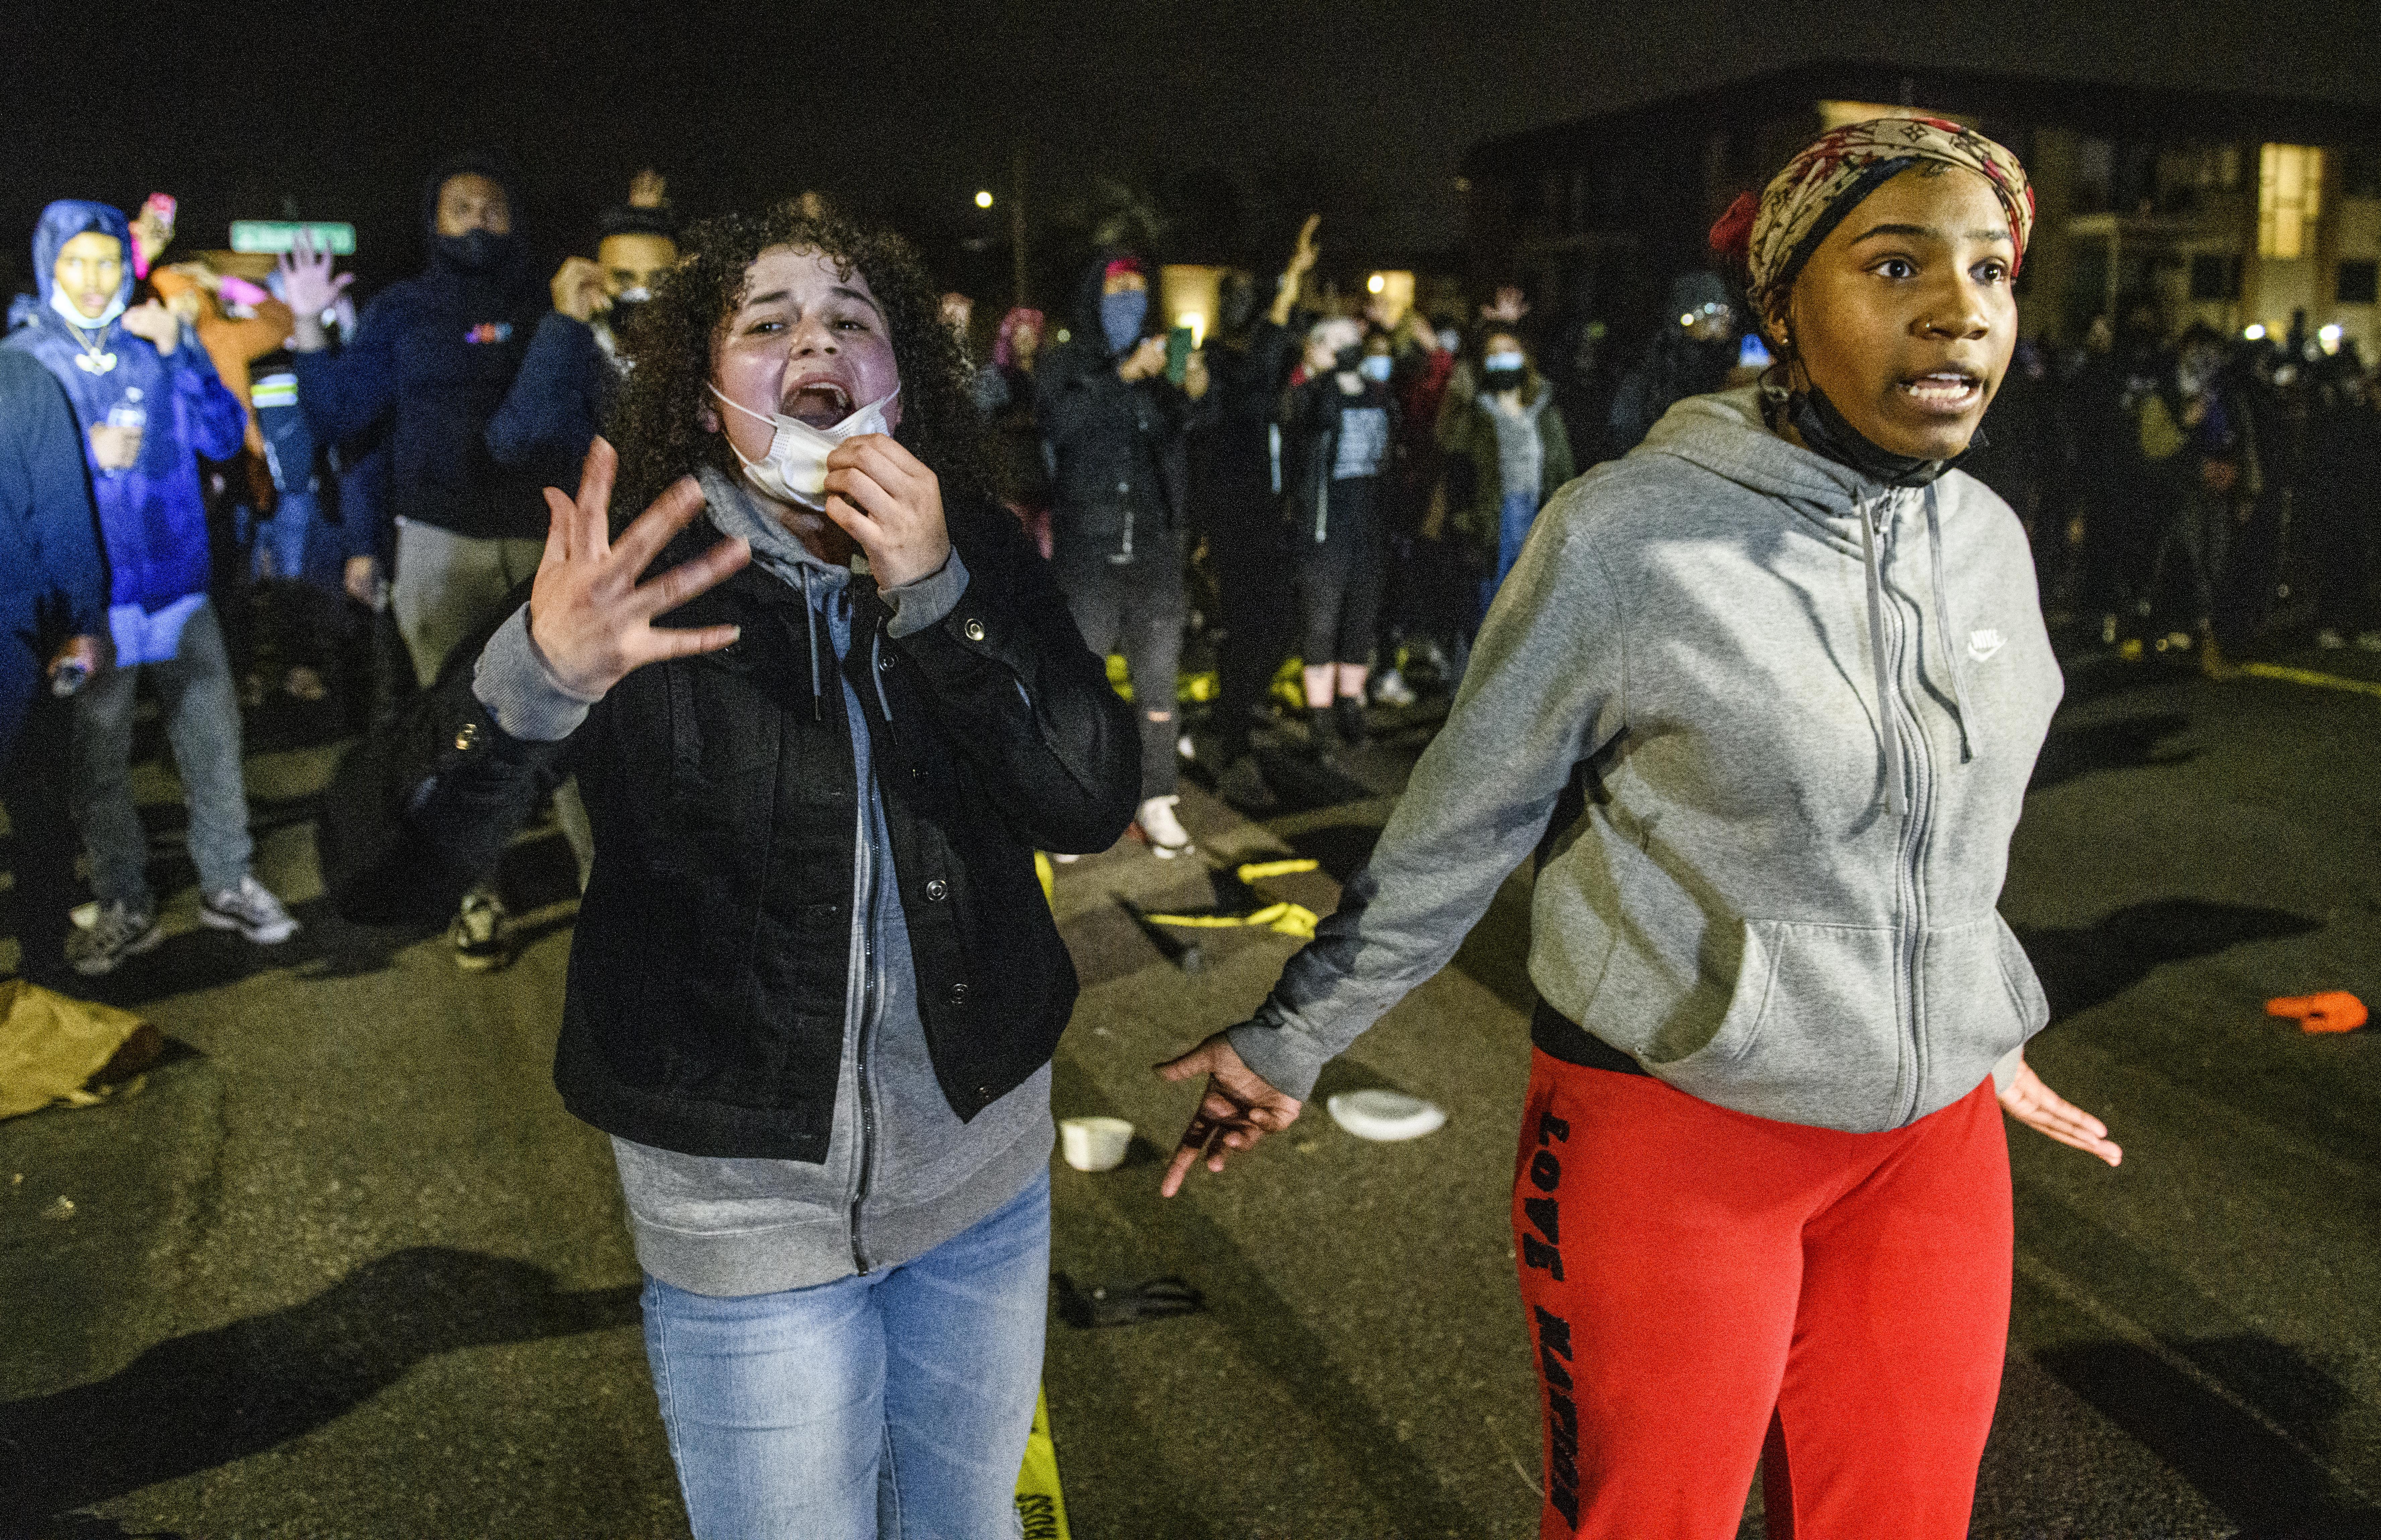 Tiltakozások robbantak ki Minneapolisban, miután rendőrök lelőttek egy fekete fiatalt